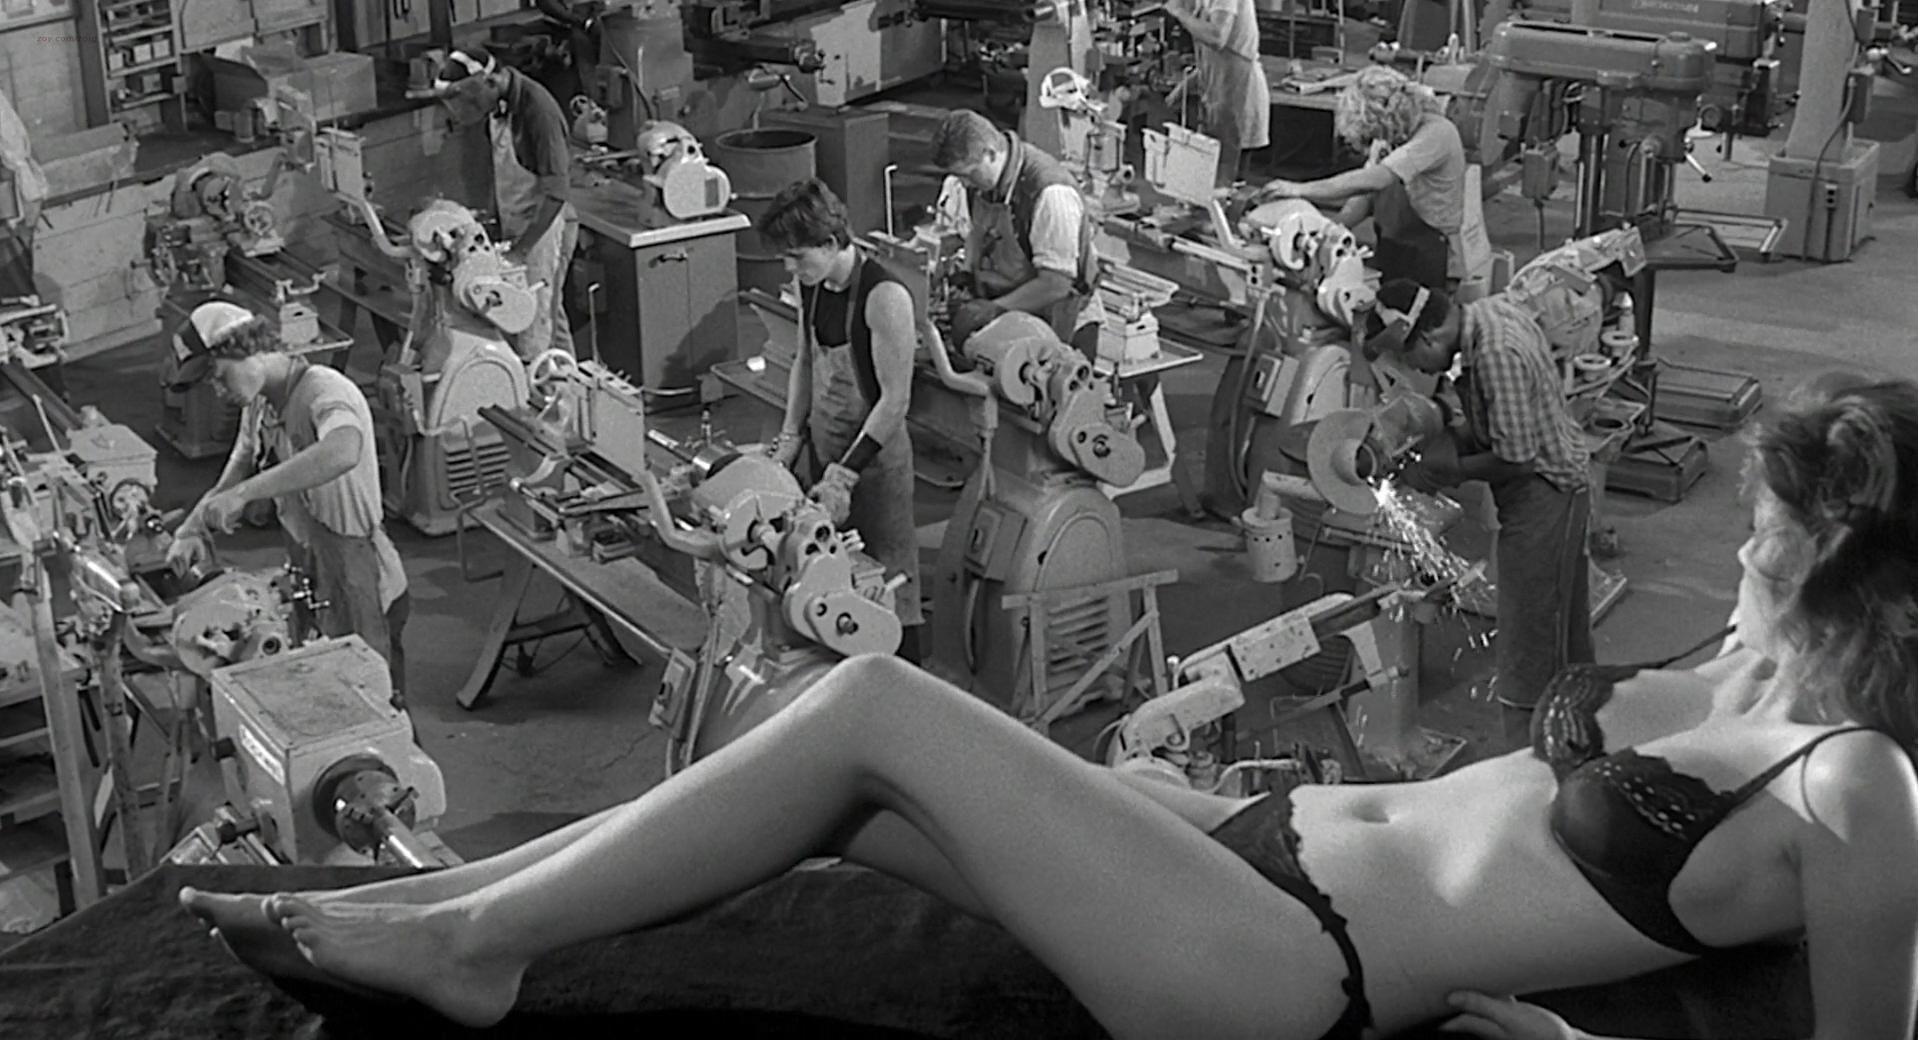 actress diane lane nude